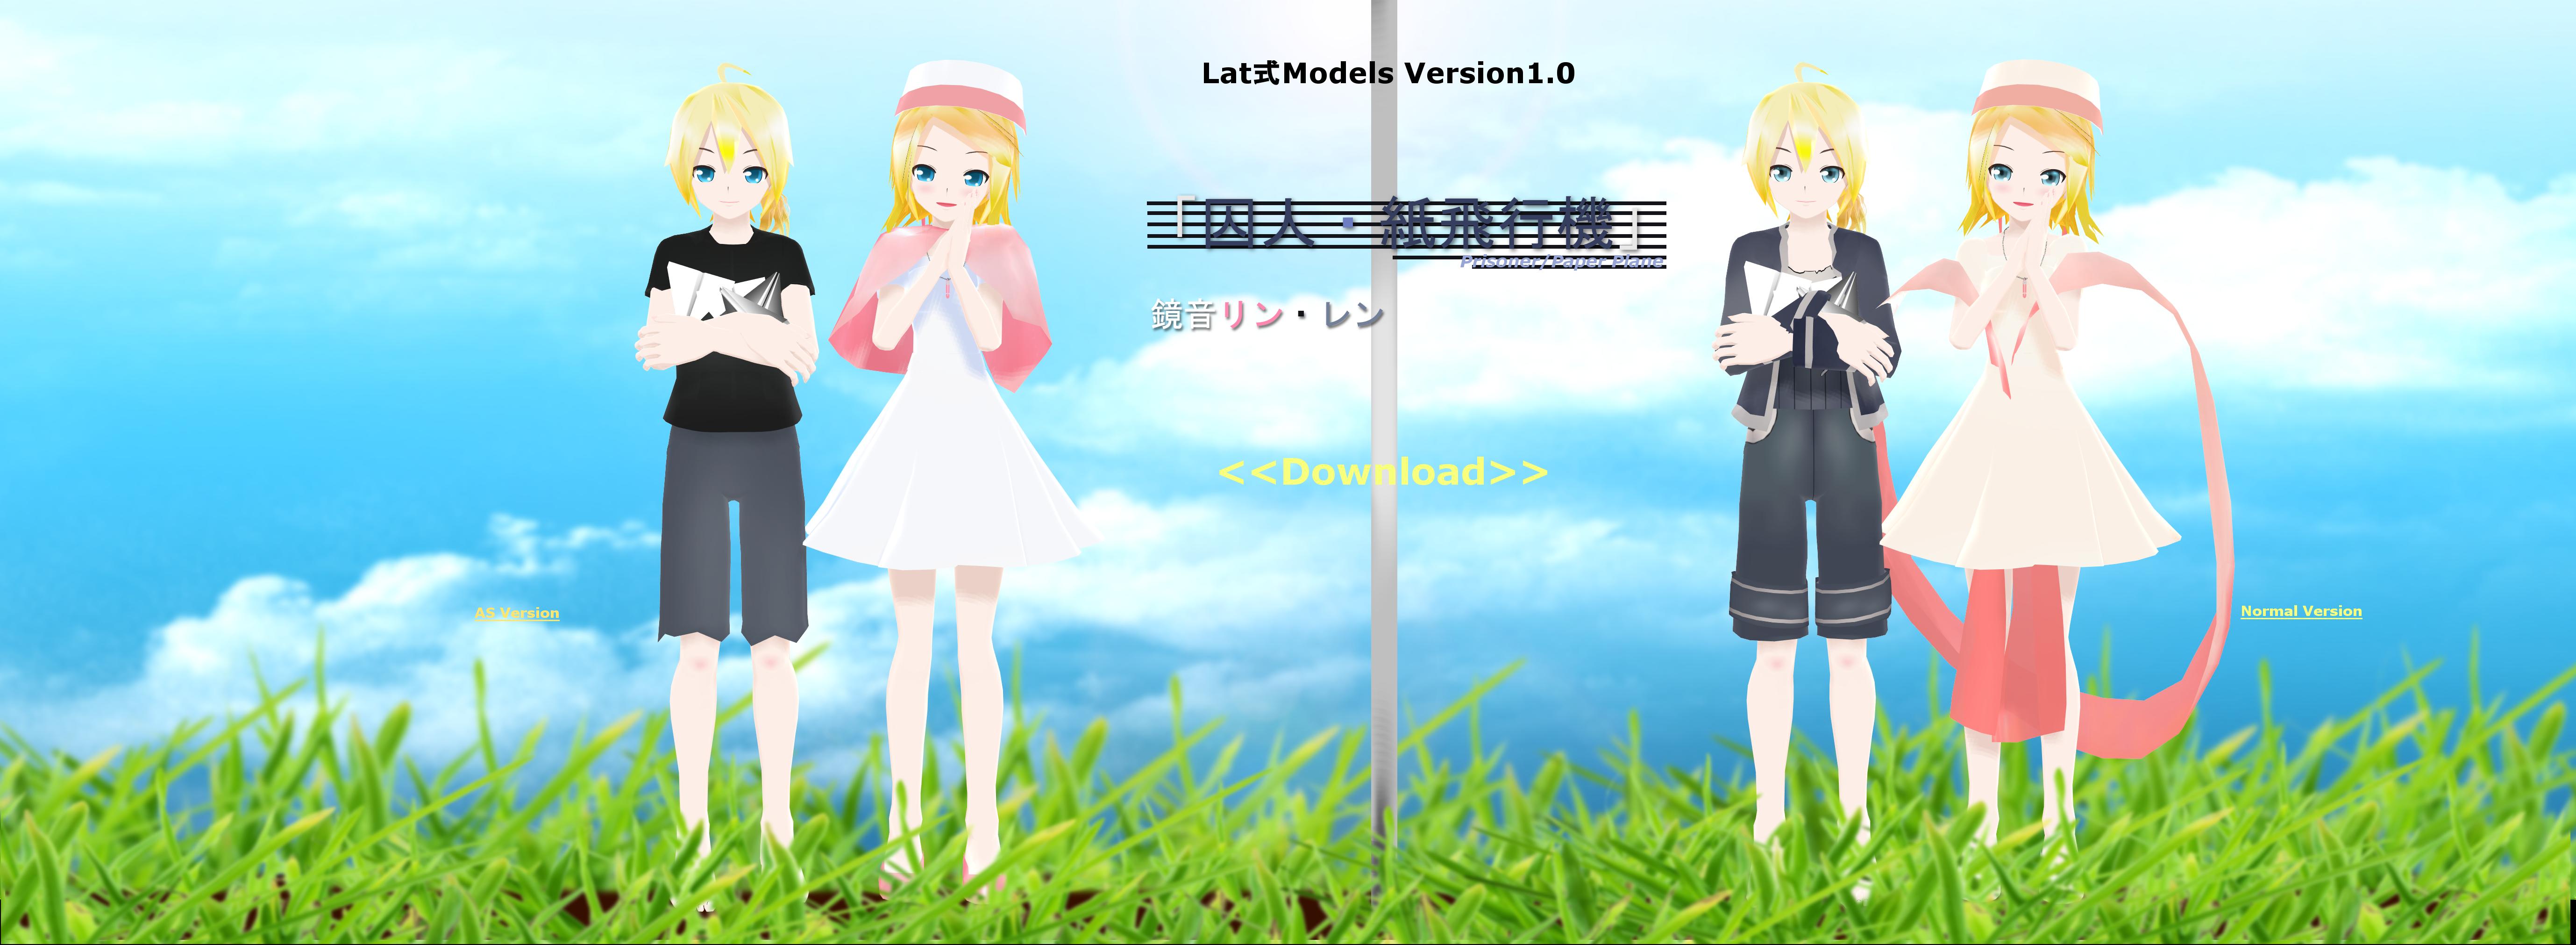 .:Model DL:. LAT Paper Plane/Prisoner Models